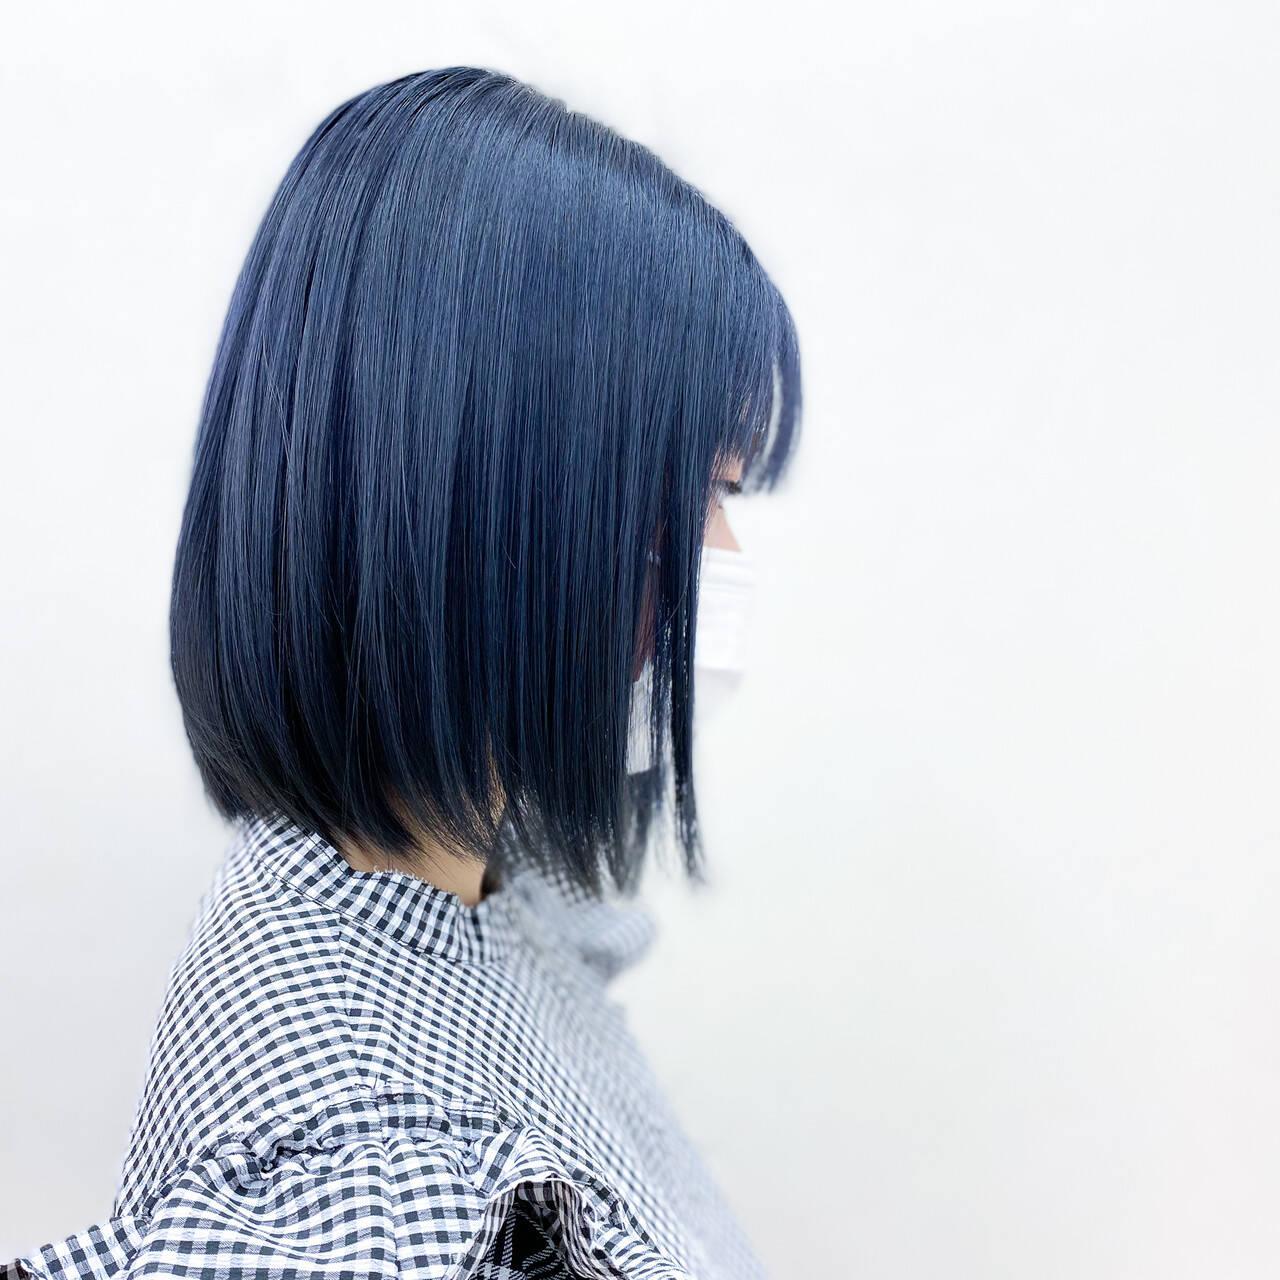 ネイビーカラー 透明感カラー 切りっぱなしボブ ボブヘアスタイルや髪型の写真・画像